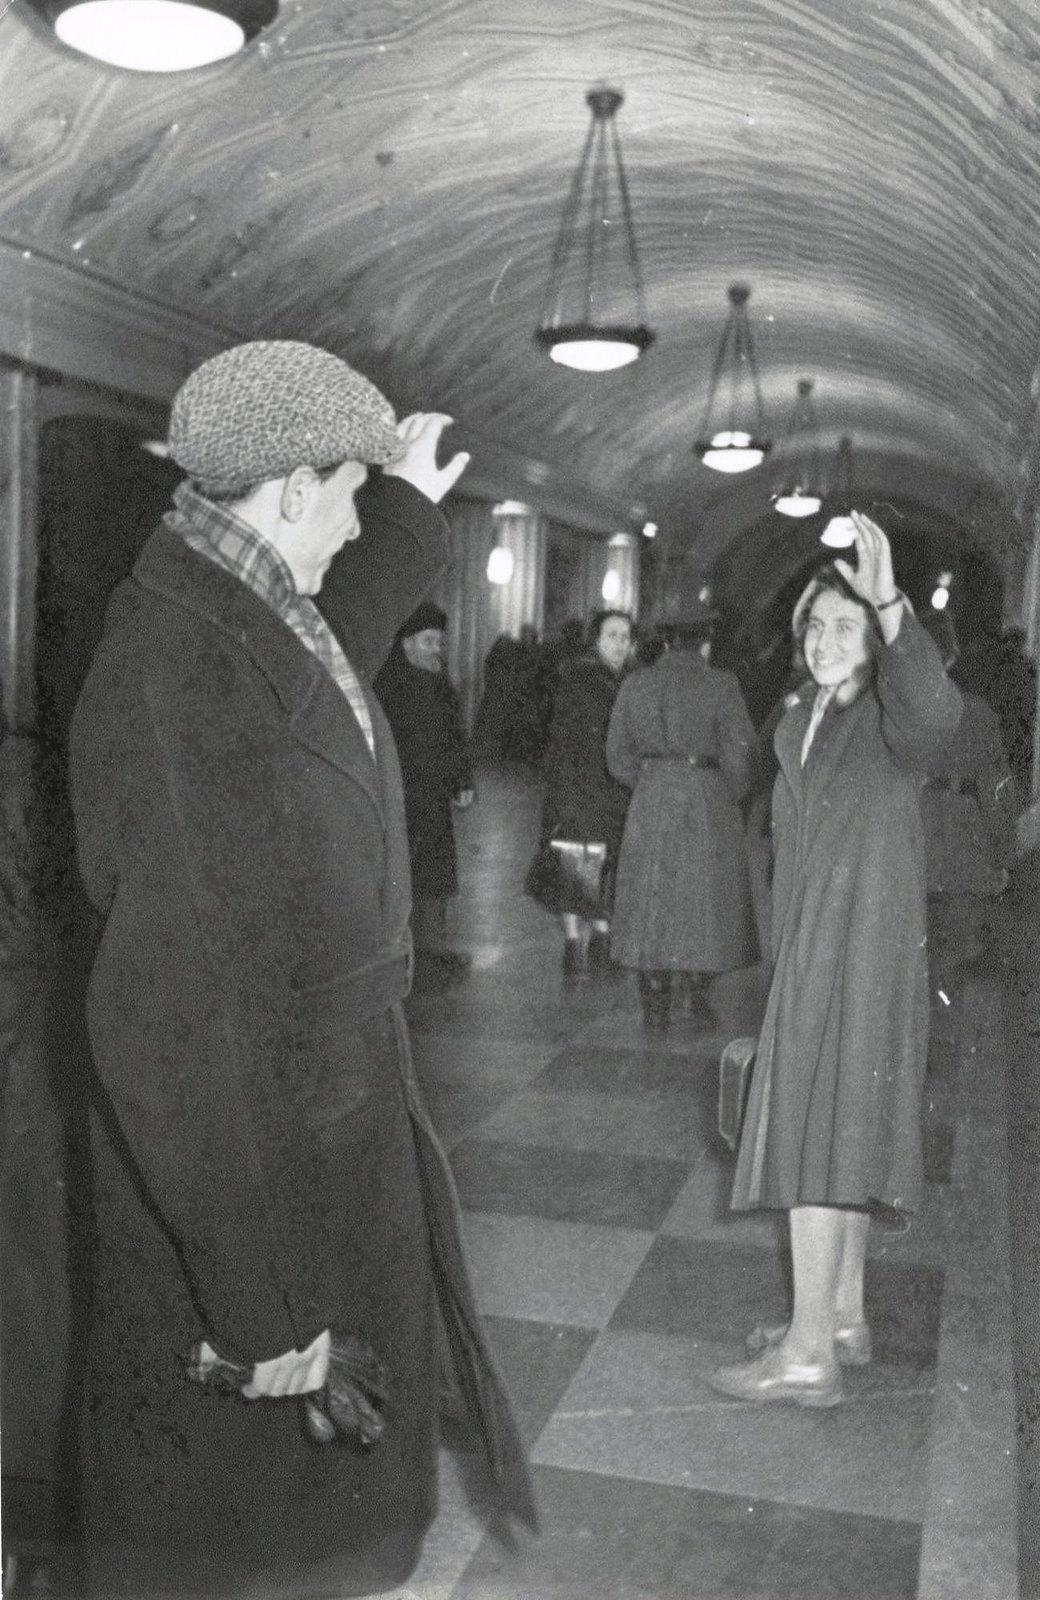 1950-е. Москва. В метро. Прощание